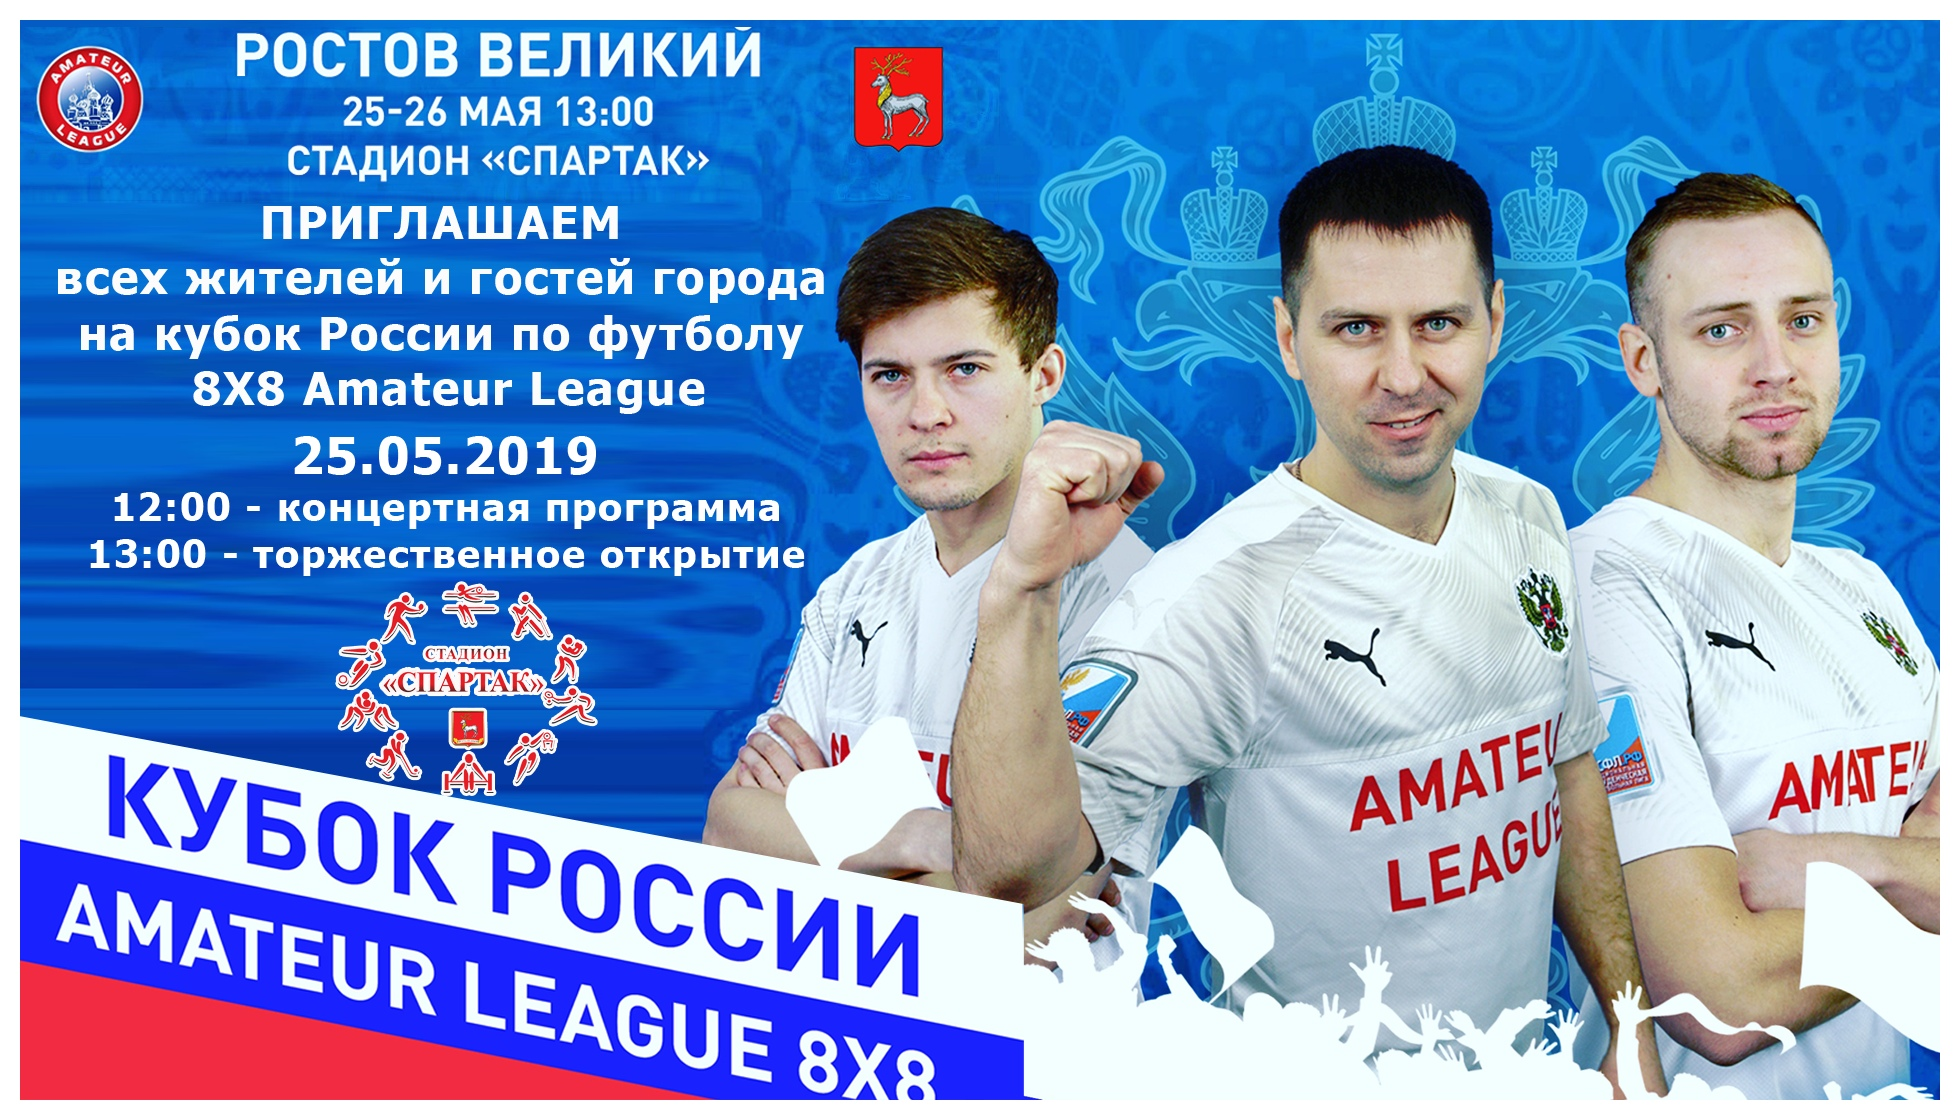 Кубок России по футболу Amateur League 8х8 в Ростове Великом